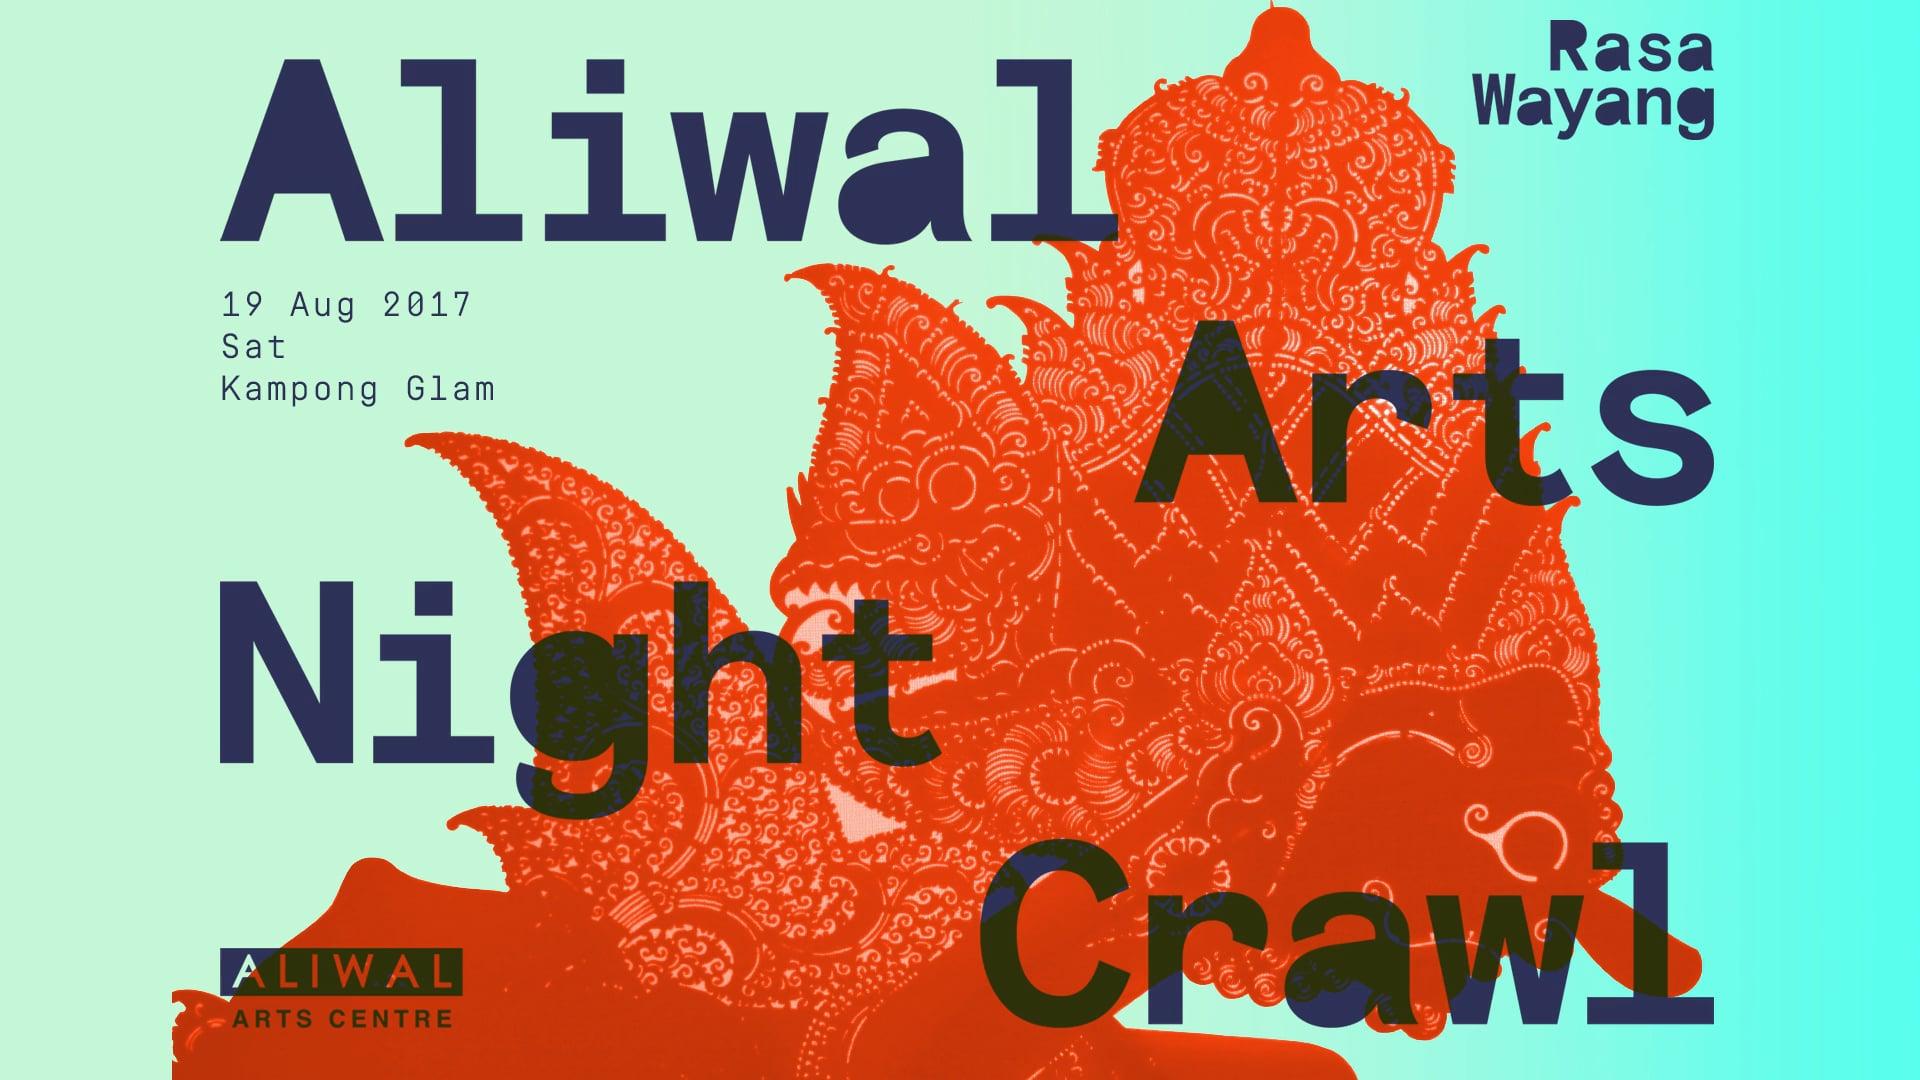 Aliwal Arts Night Crawl